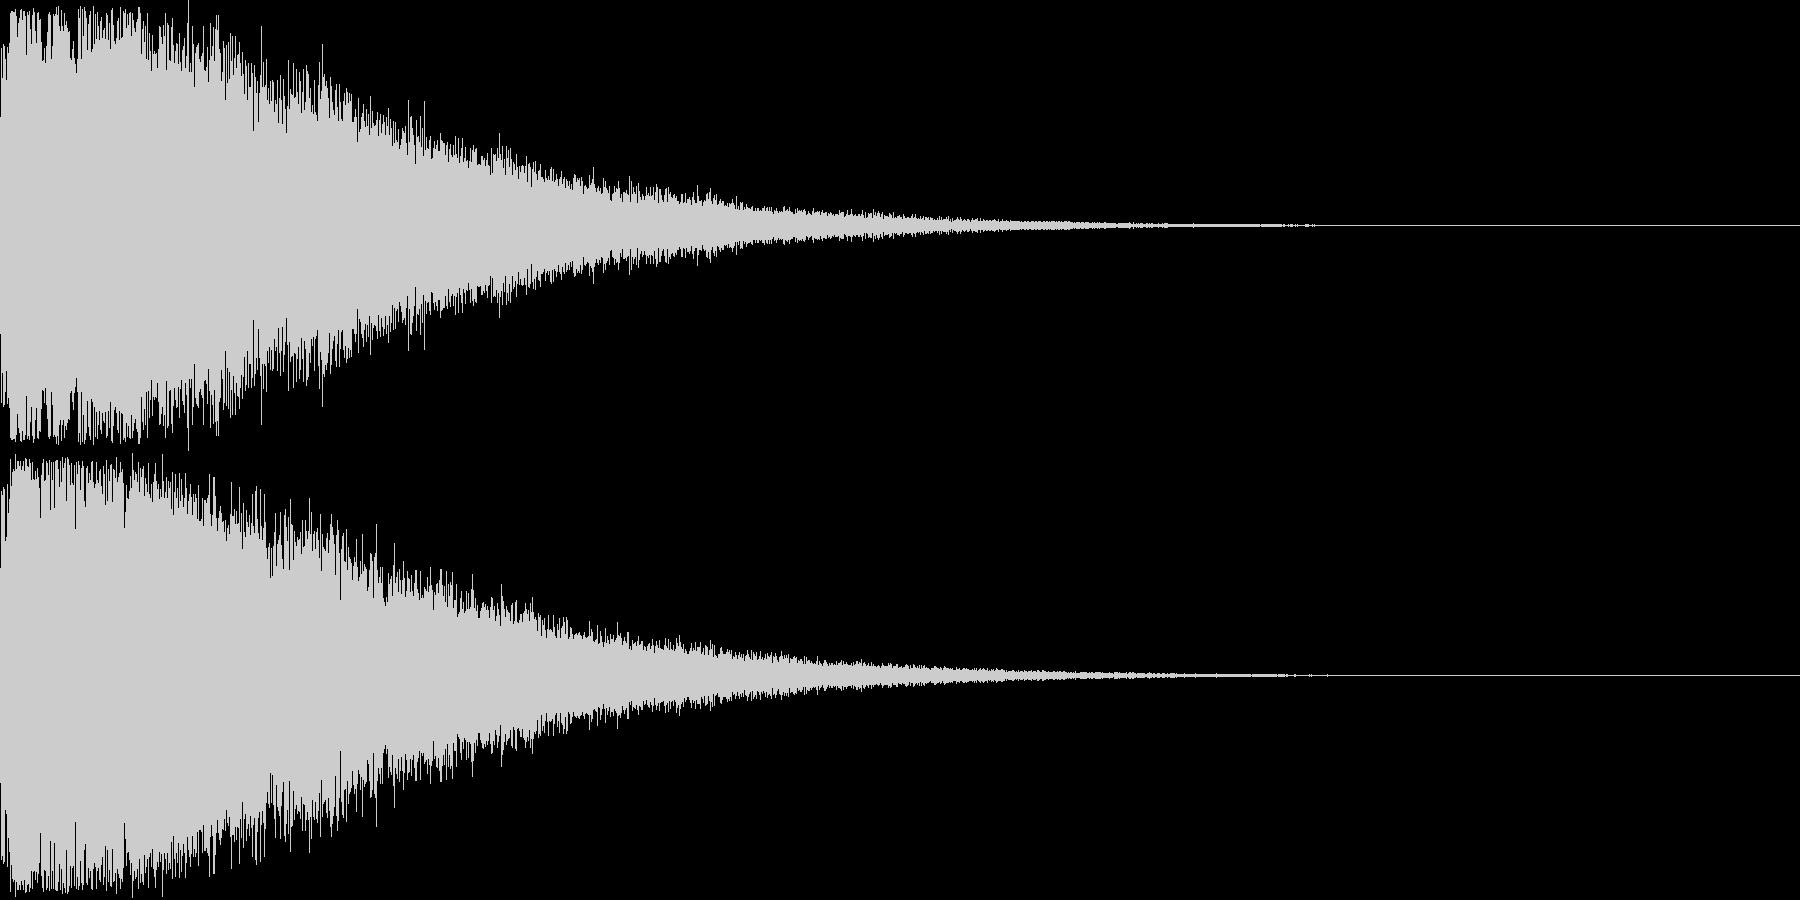 刀 剣 ソード カキーン キュイーン07の未再生の波形